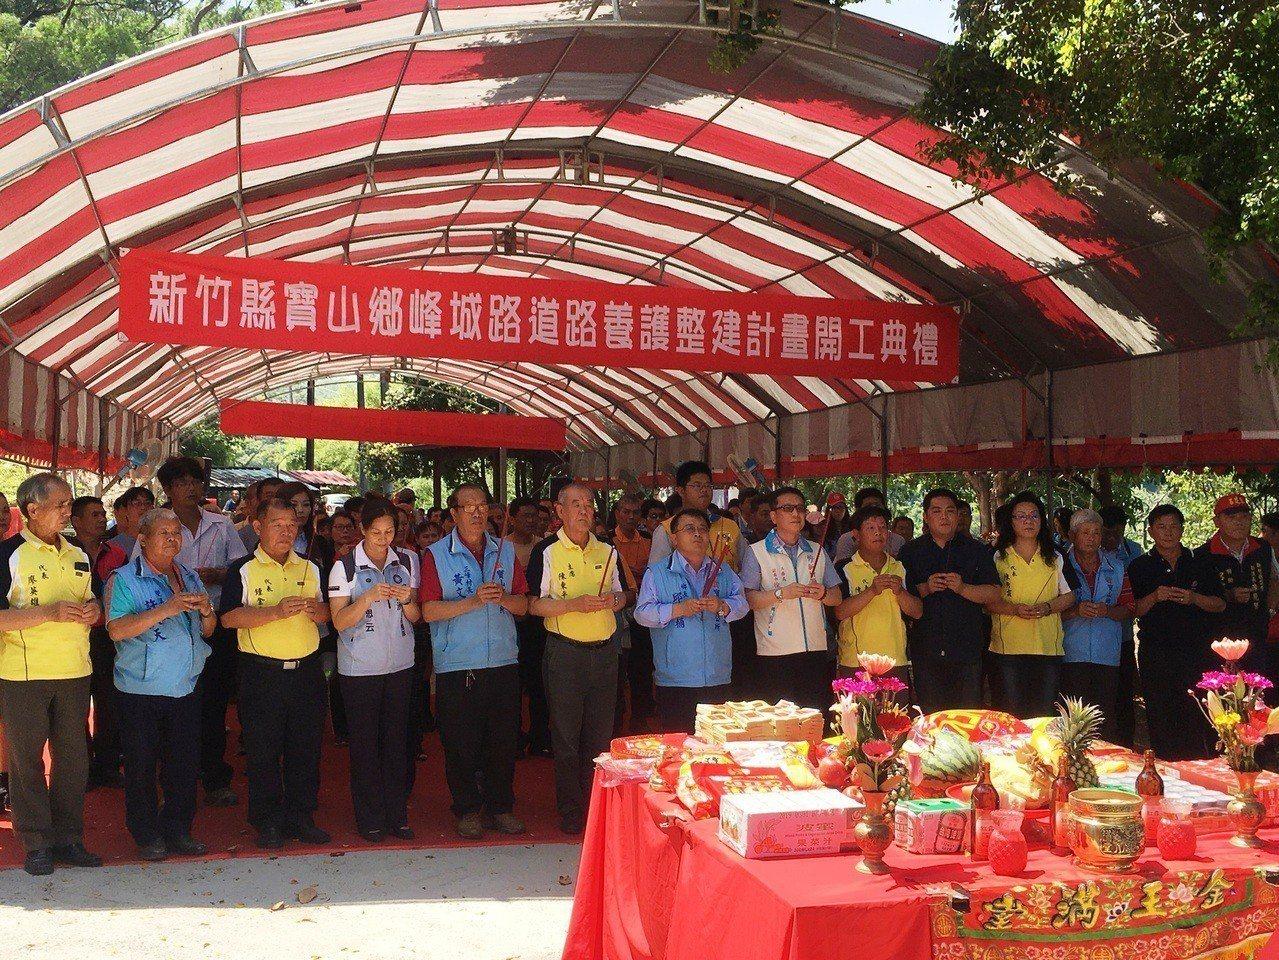 今天寶山鄉舉行峰城道路養護整建計畫開工典禮。記者陳斯穎/攝影